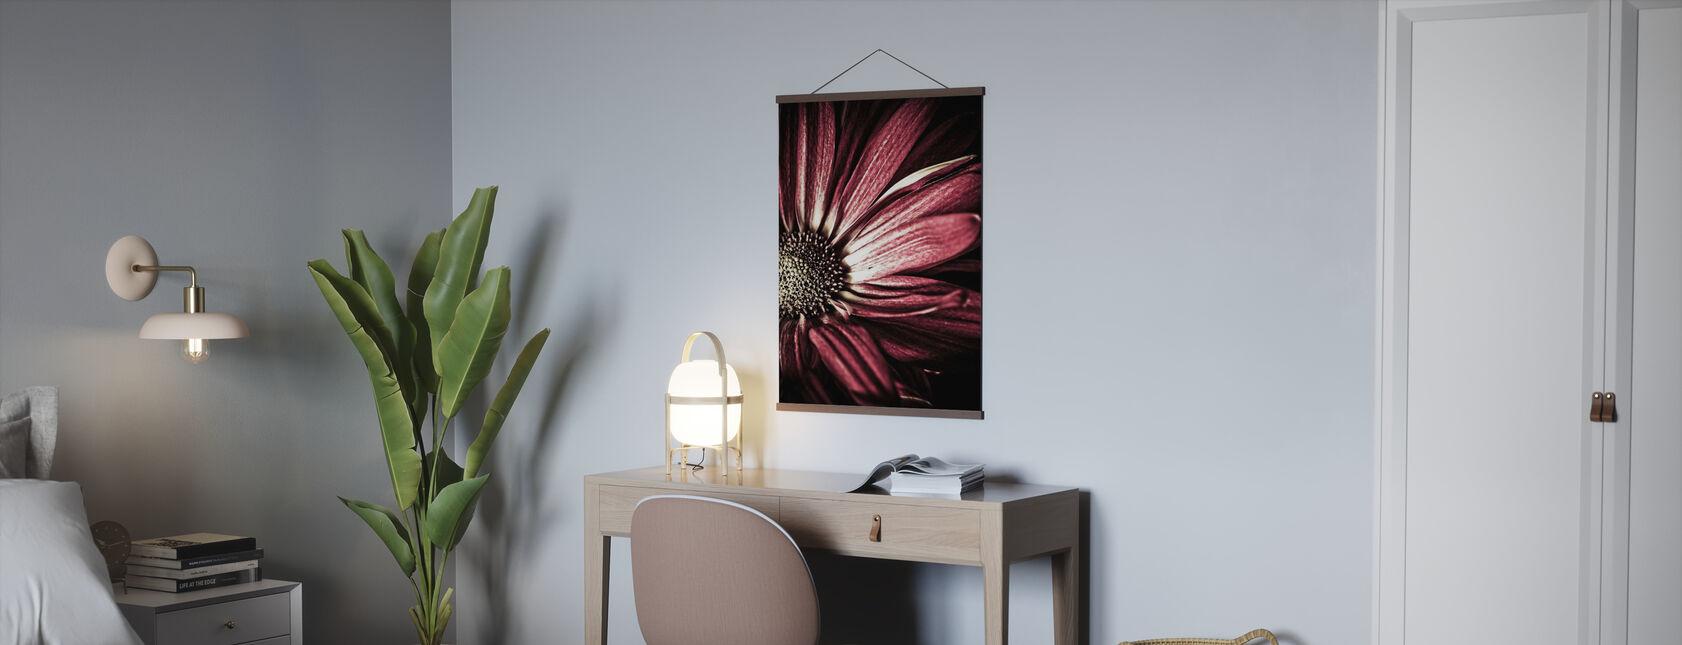 Dark Daisy - Poster - Office